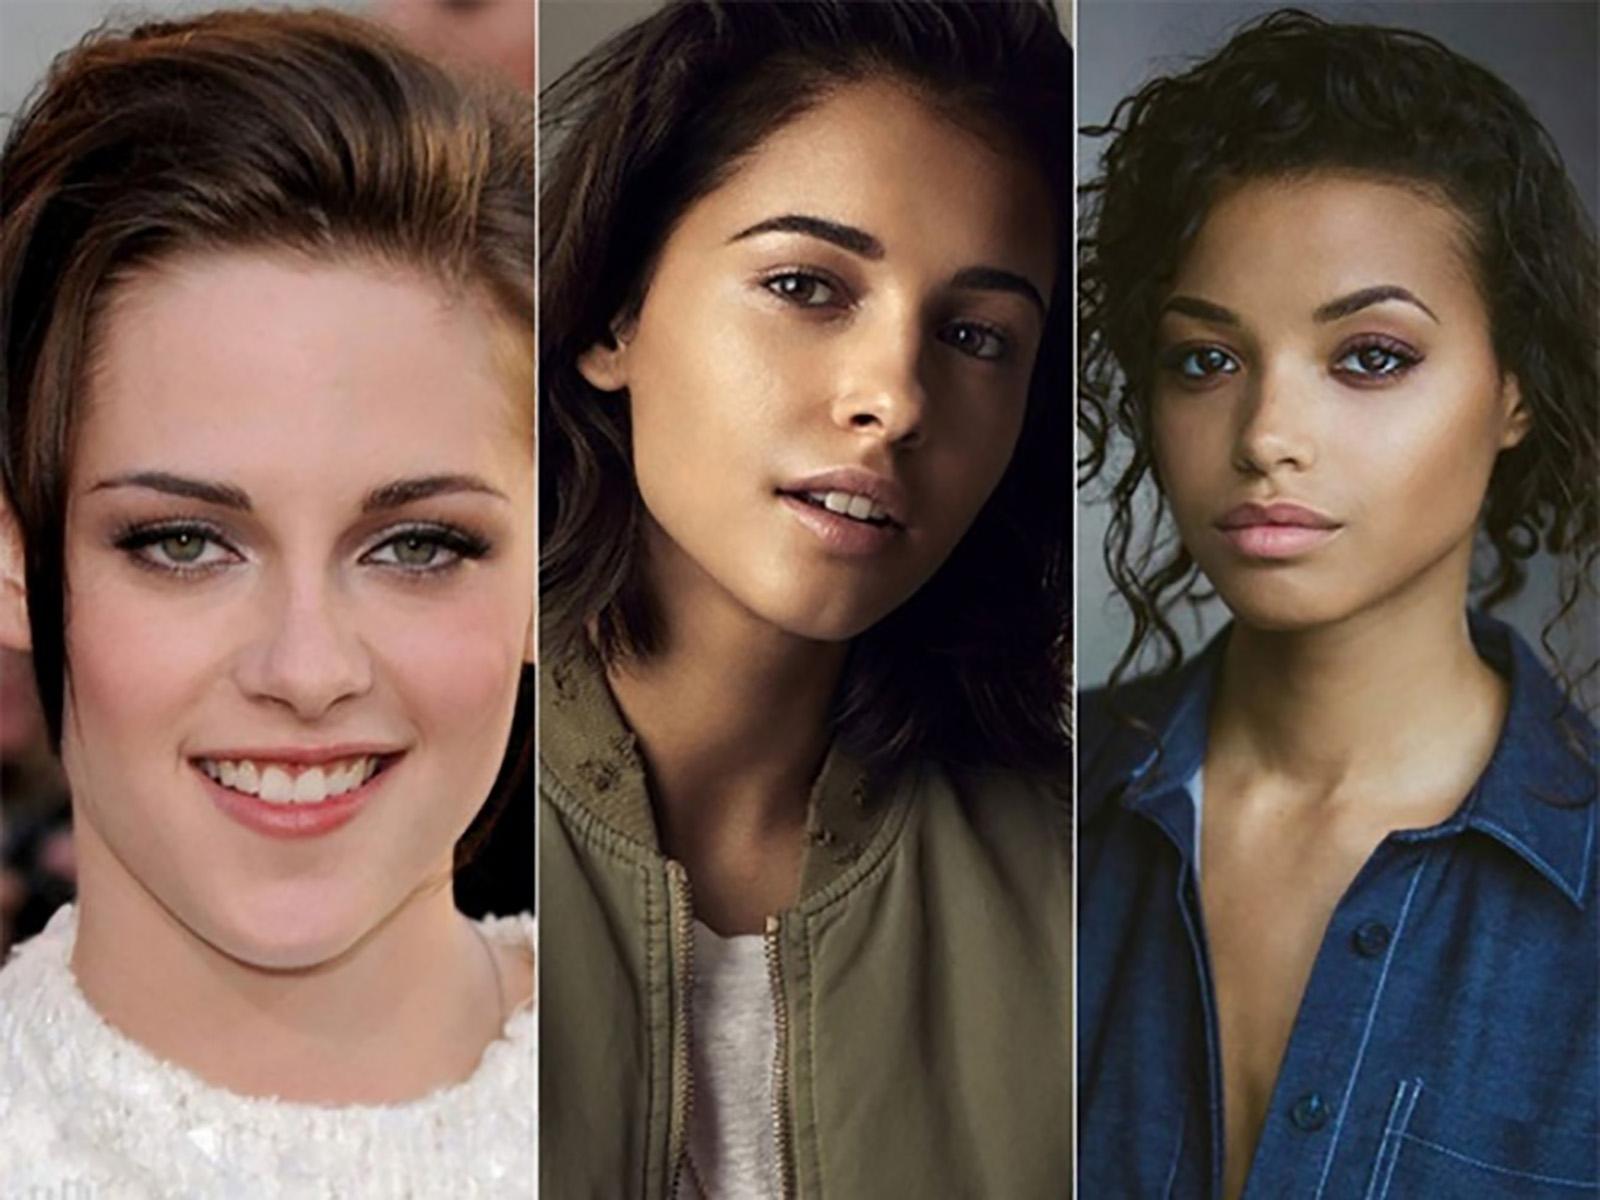 Charlie renovará ángeles: Naomi, Ella y Kristen - Pura Vida